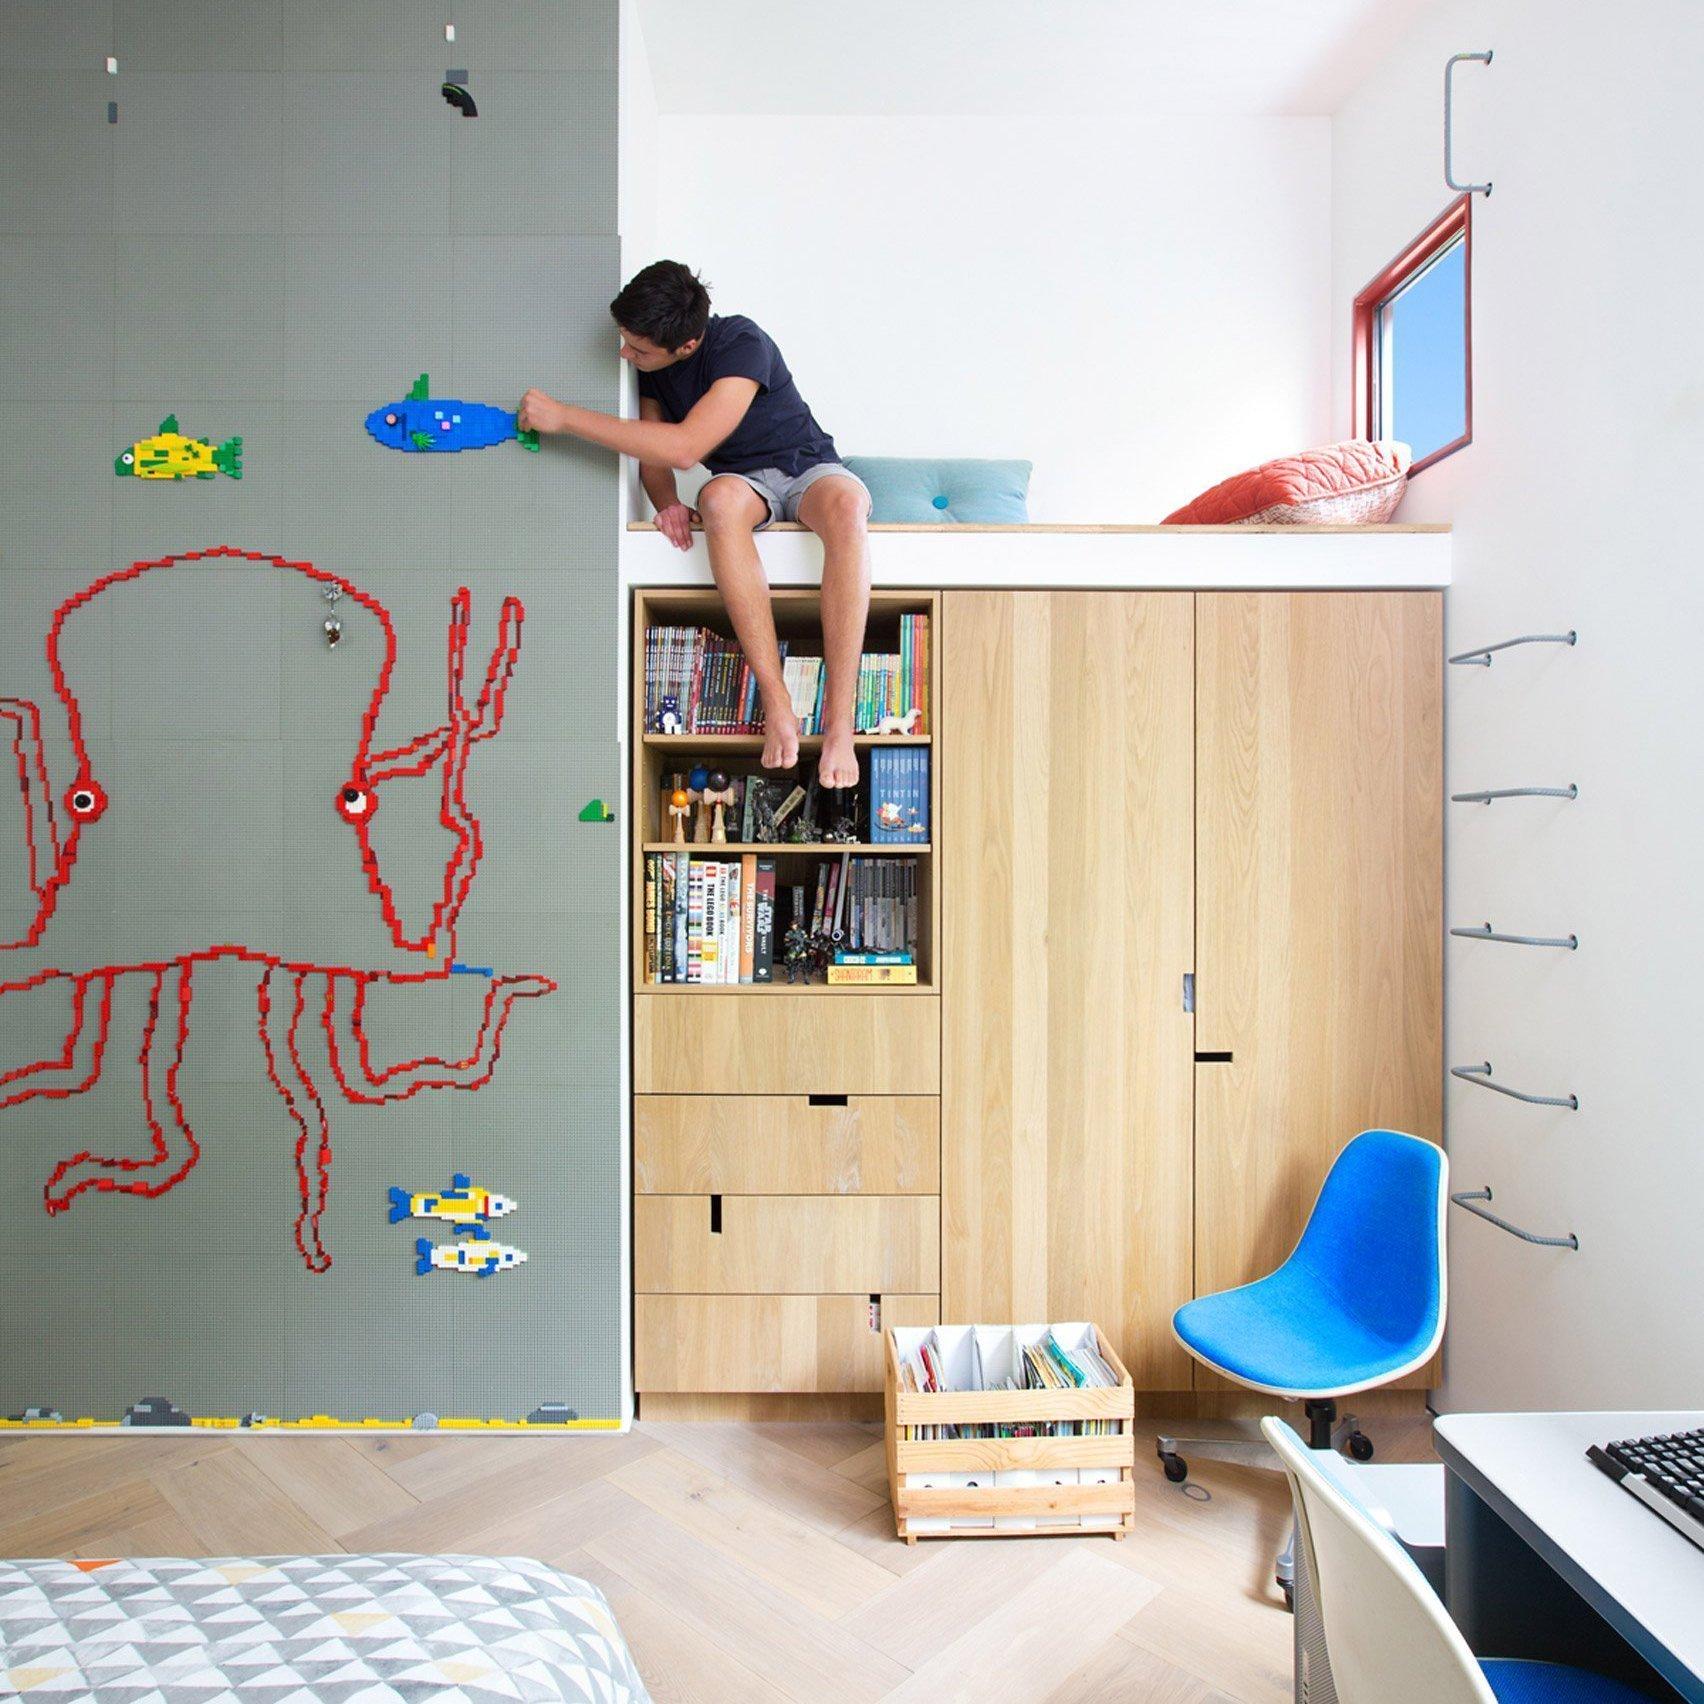 Decorazioni Per Pareti Adesive.Adesivi Murali E Decorazioni Pareti Per Bambini